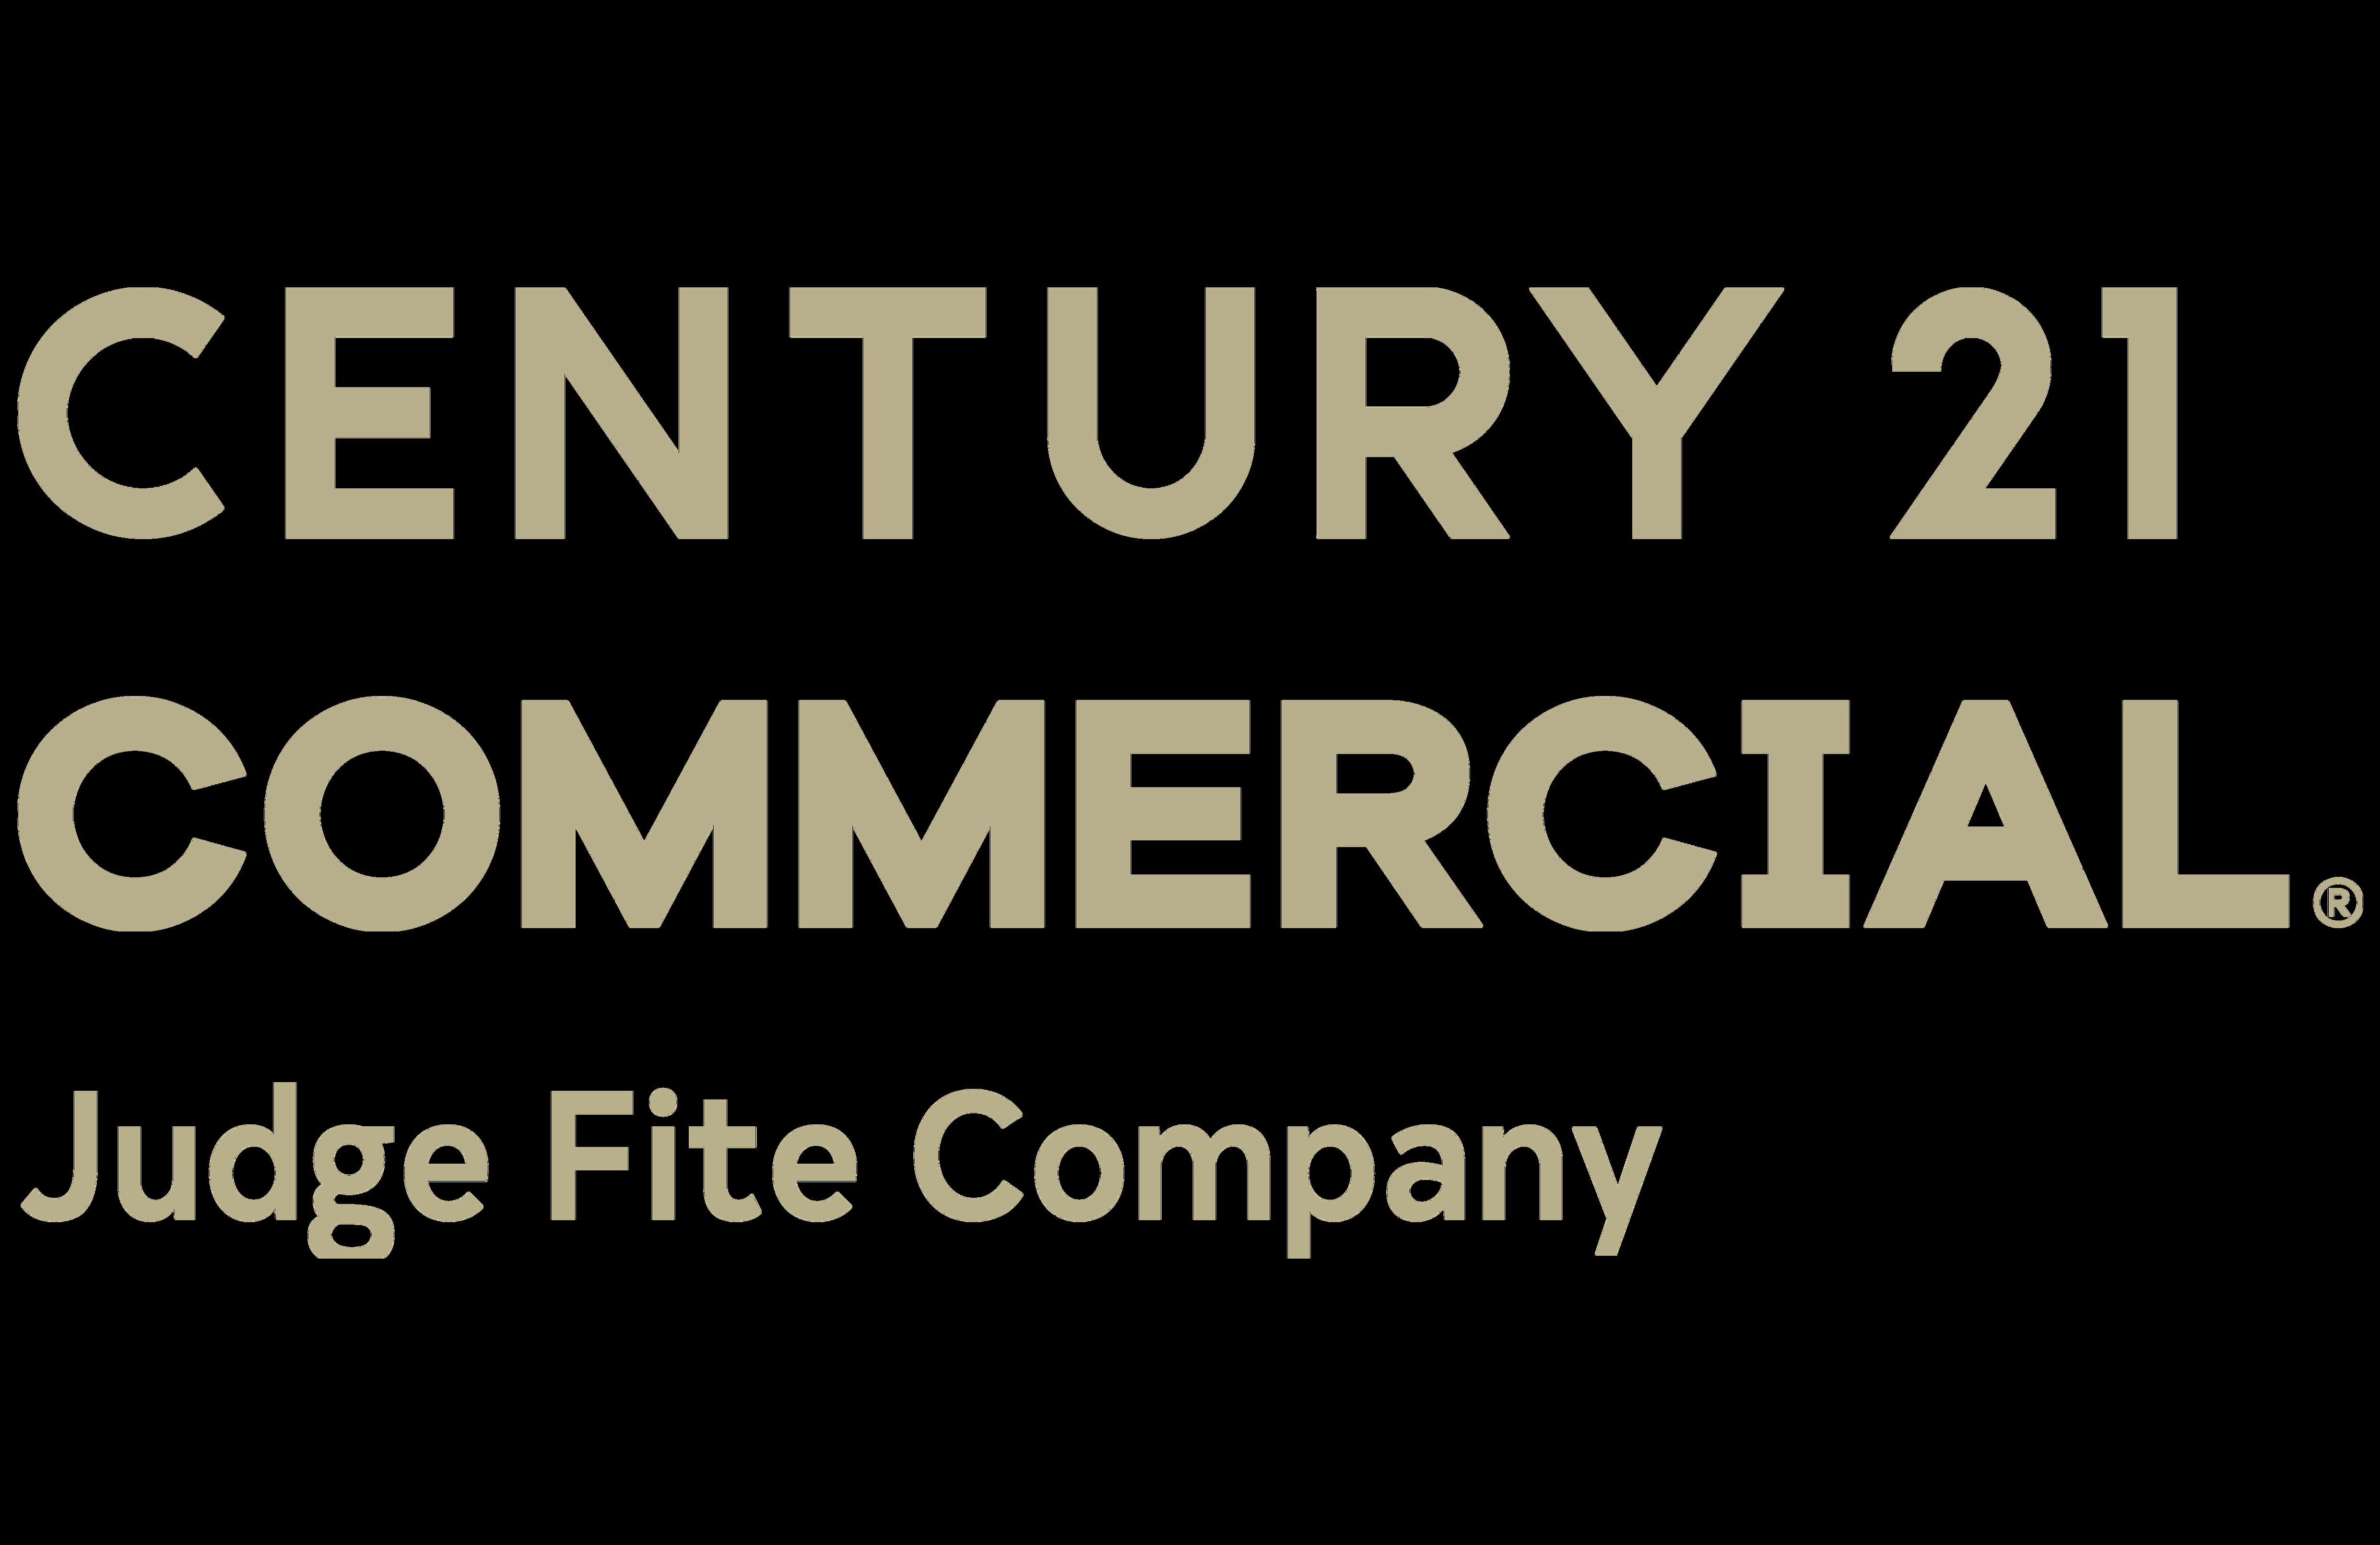 Craig Coburn of CENTURY 21 Judge Fite Company logo